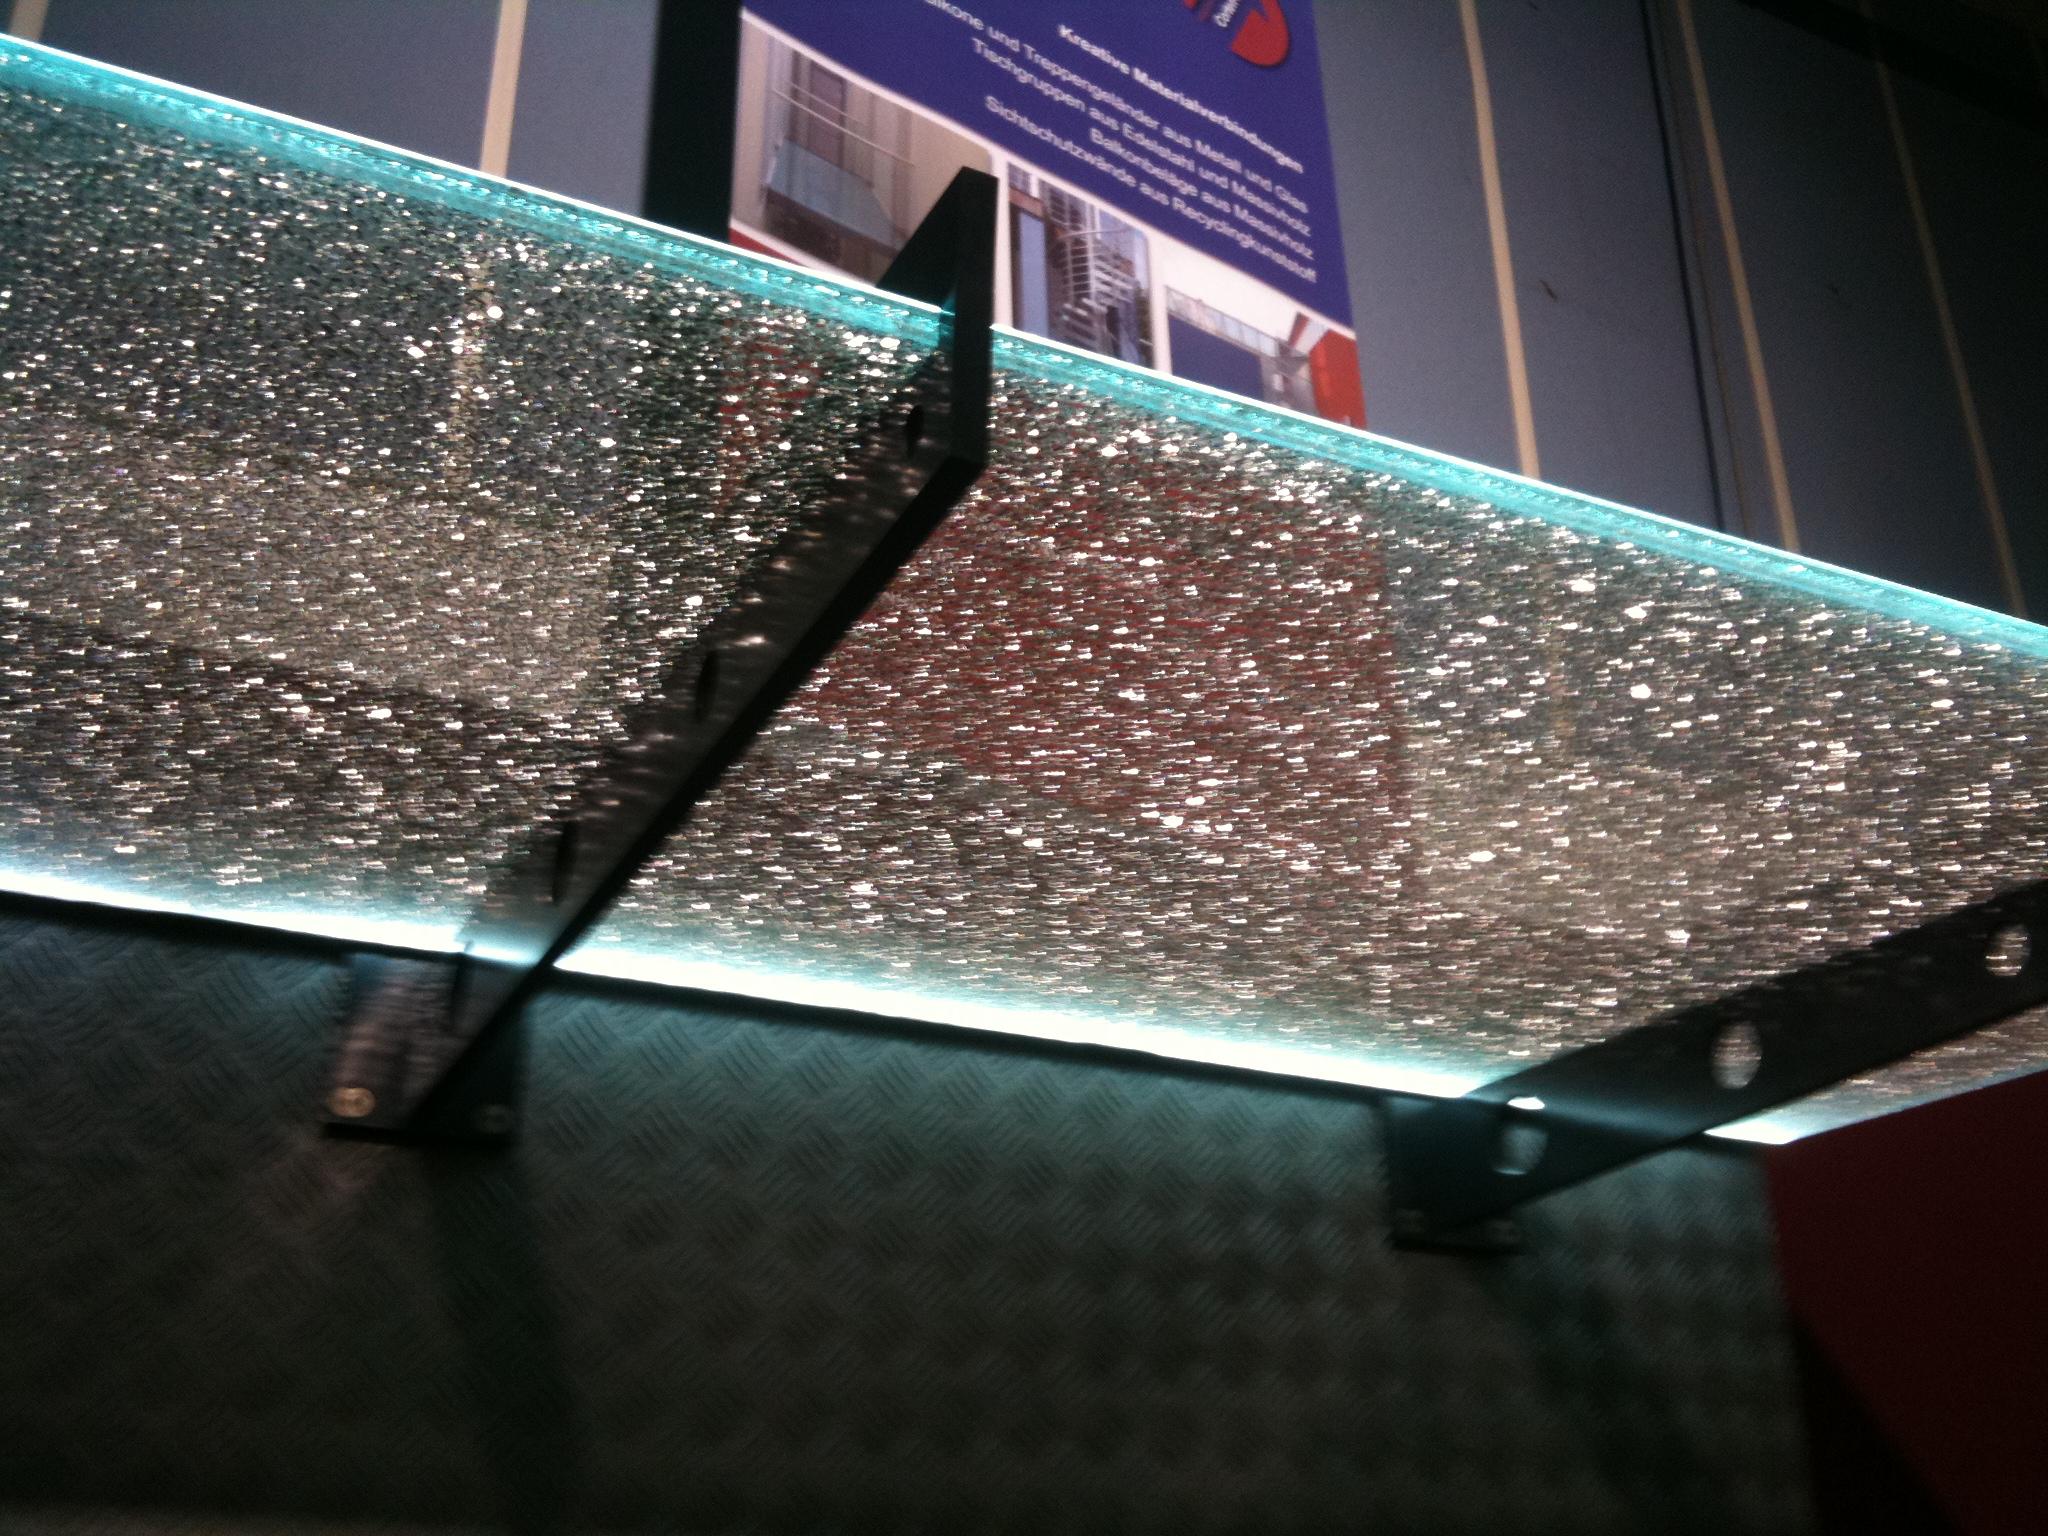 edelstahl vordach mit vsg crashglas preis auf anfrage preis auf anfrage metall kreativ ug shop. Black Bedroom Furniture Sets. Home Design Ideas